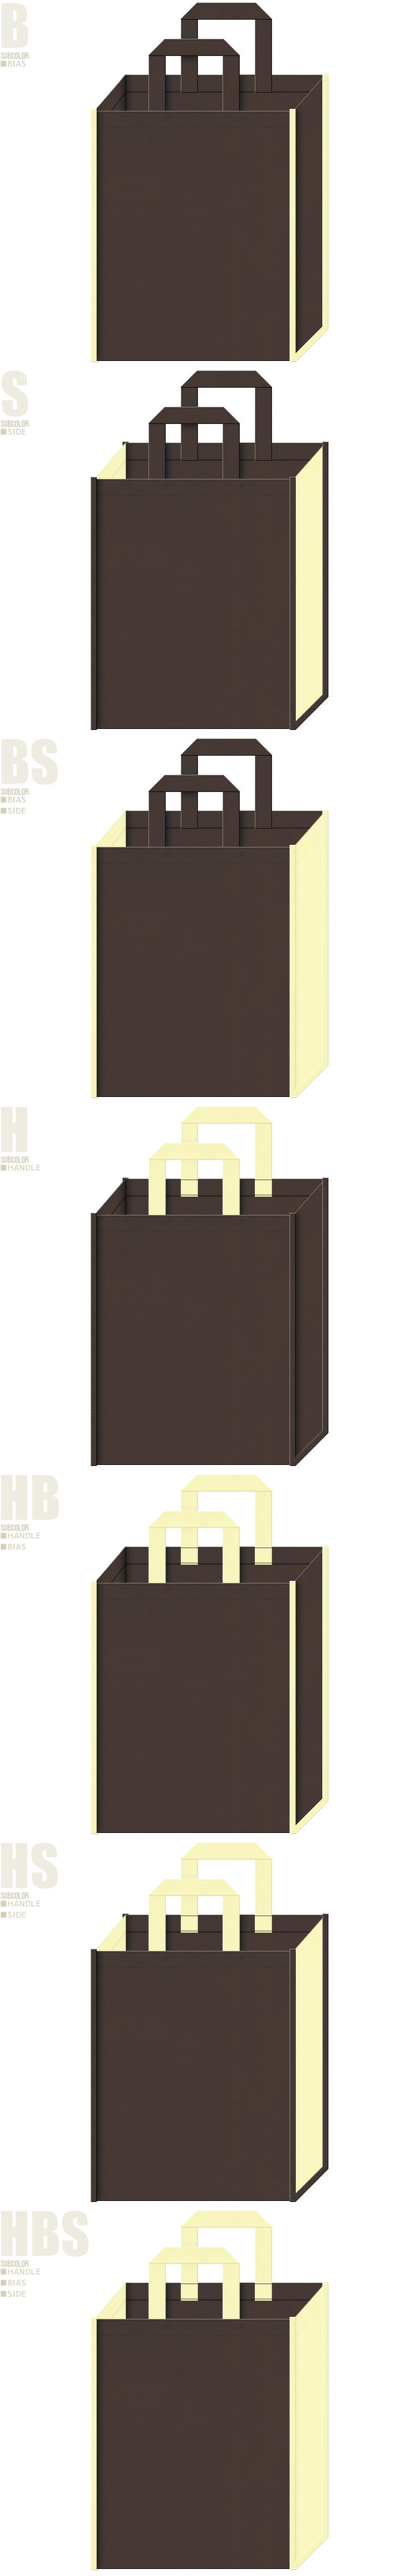 コーヒー用品の展示会用バッグ、コーヒーショップのバッグノベルティにお奨めです。こげ茶色と薄黄色、7パターンの不織布トートバッグ配色デザイン例。